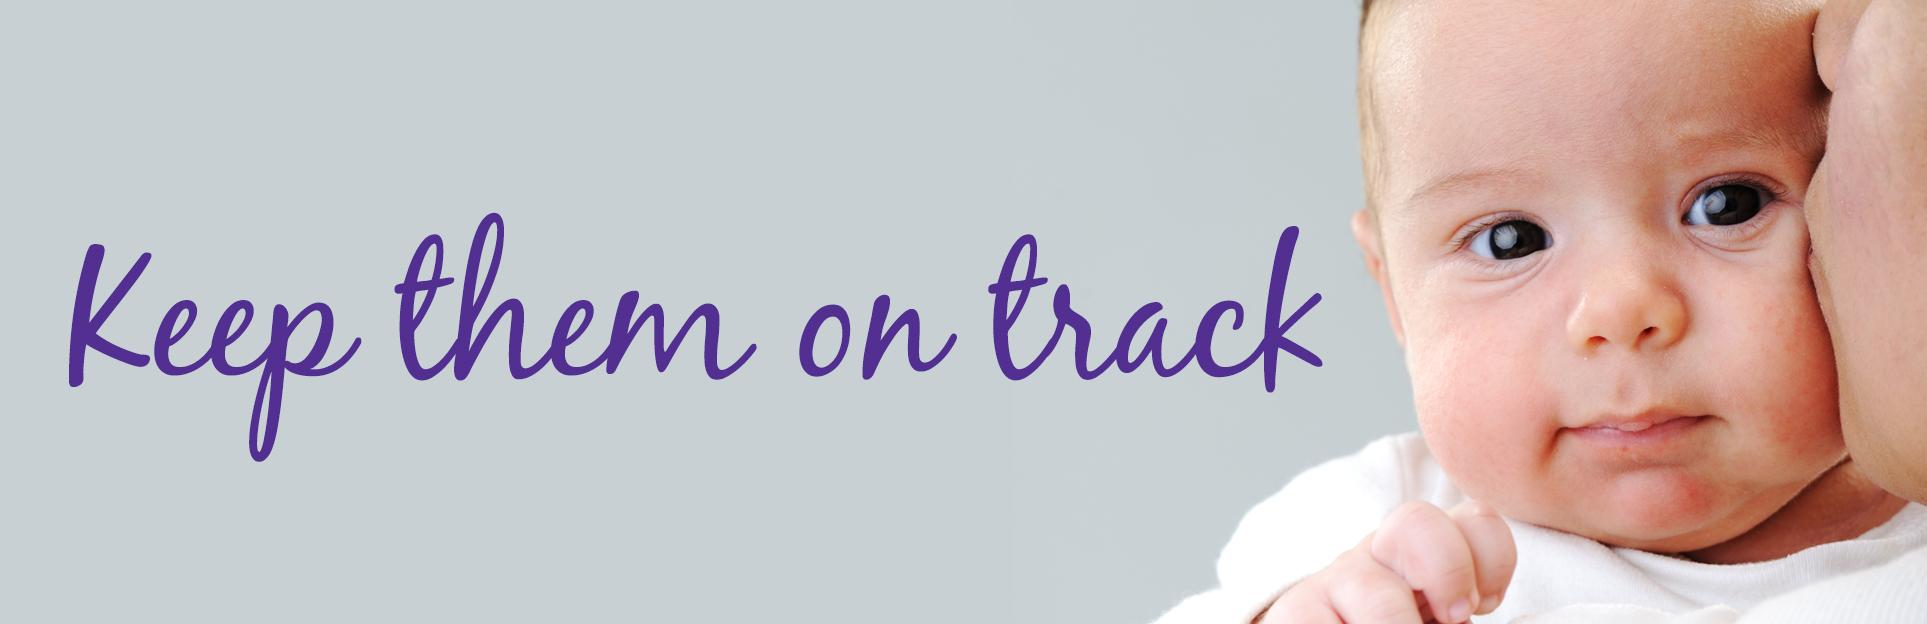 ait-keep-on-track